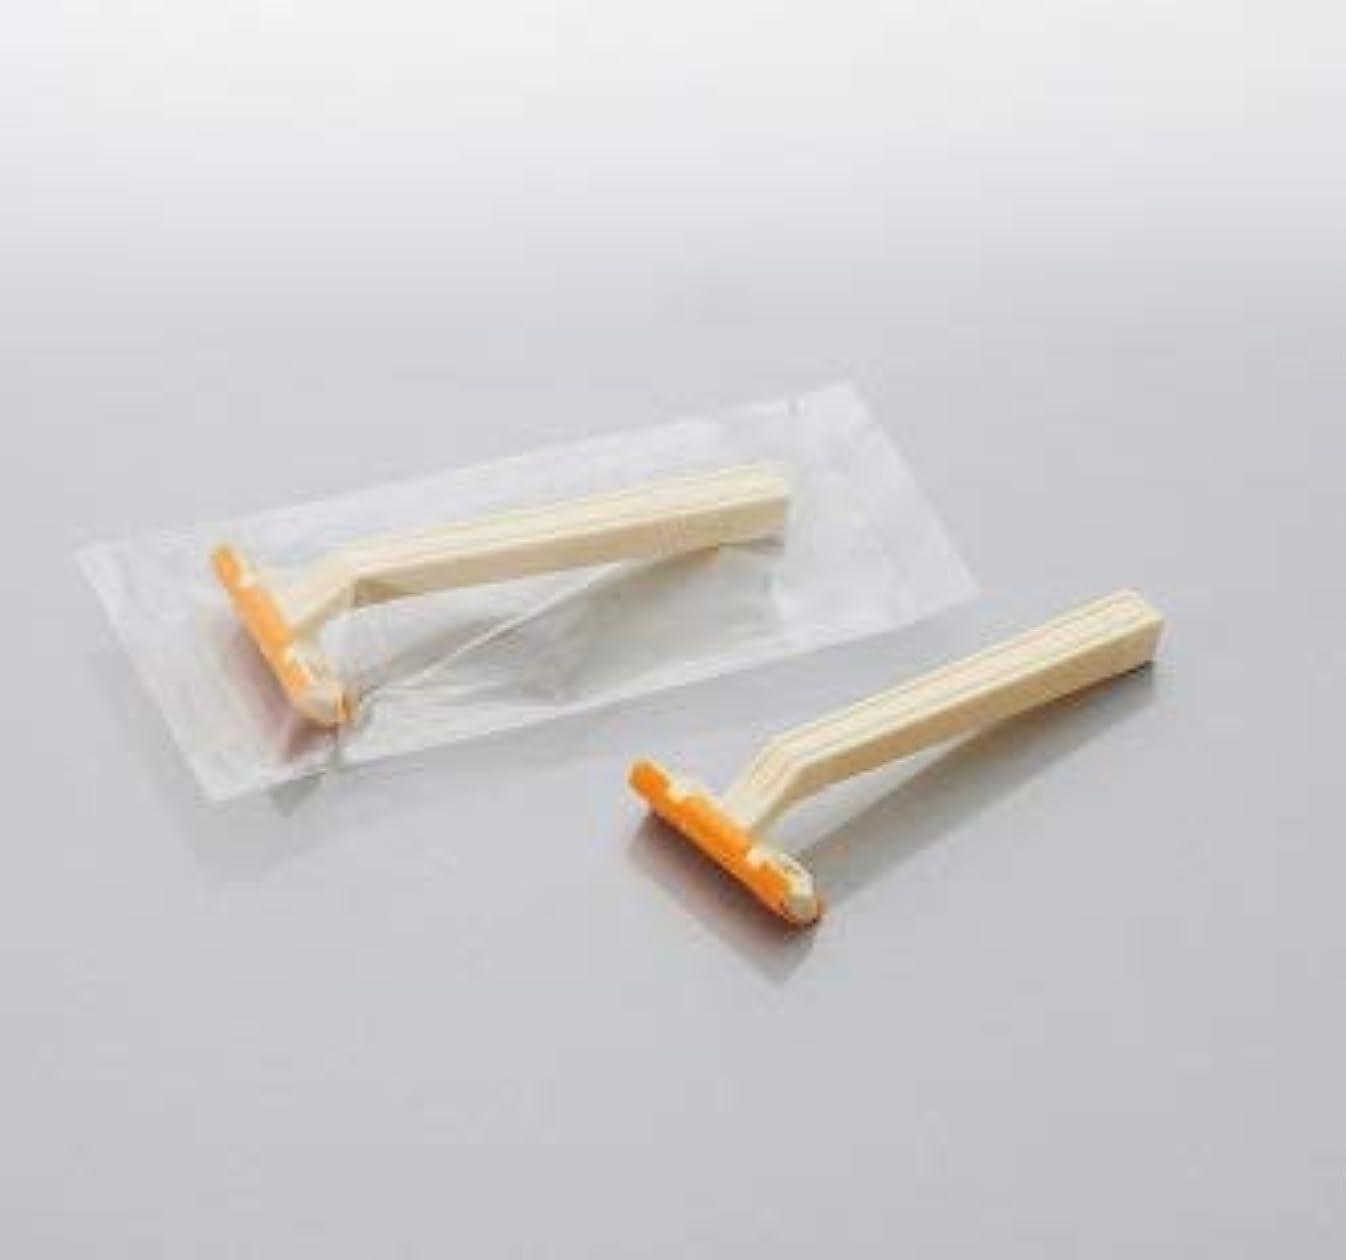 ゴール眉をひそめる指導するカミソリ アメニティロード2 固定式2枚刃2000本 透明OP袋入 daito